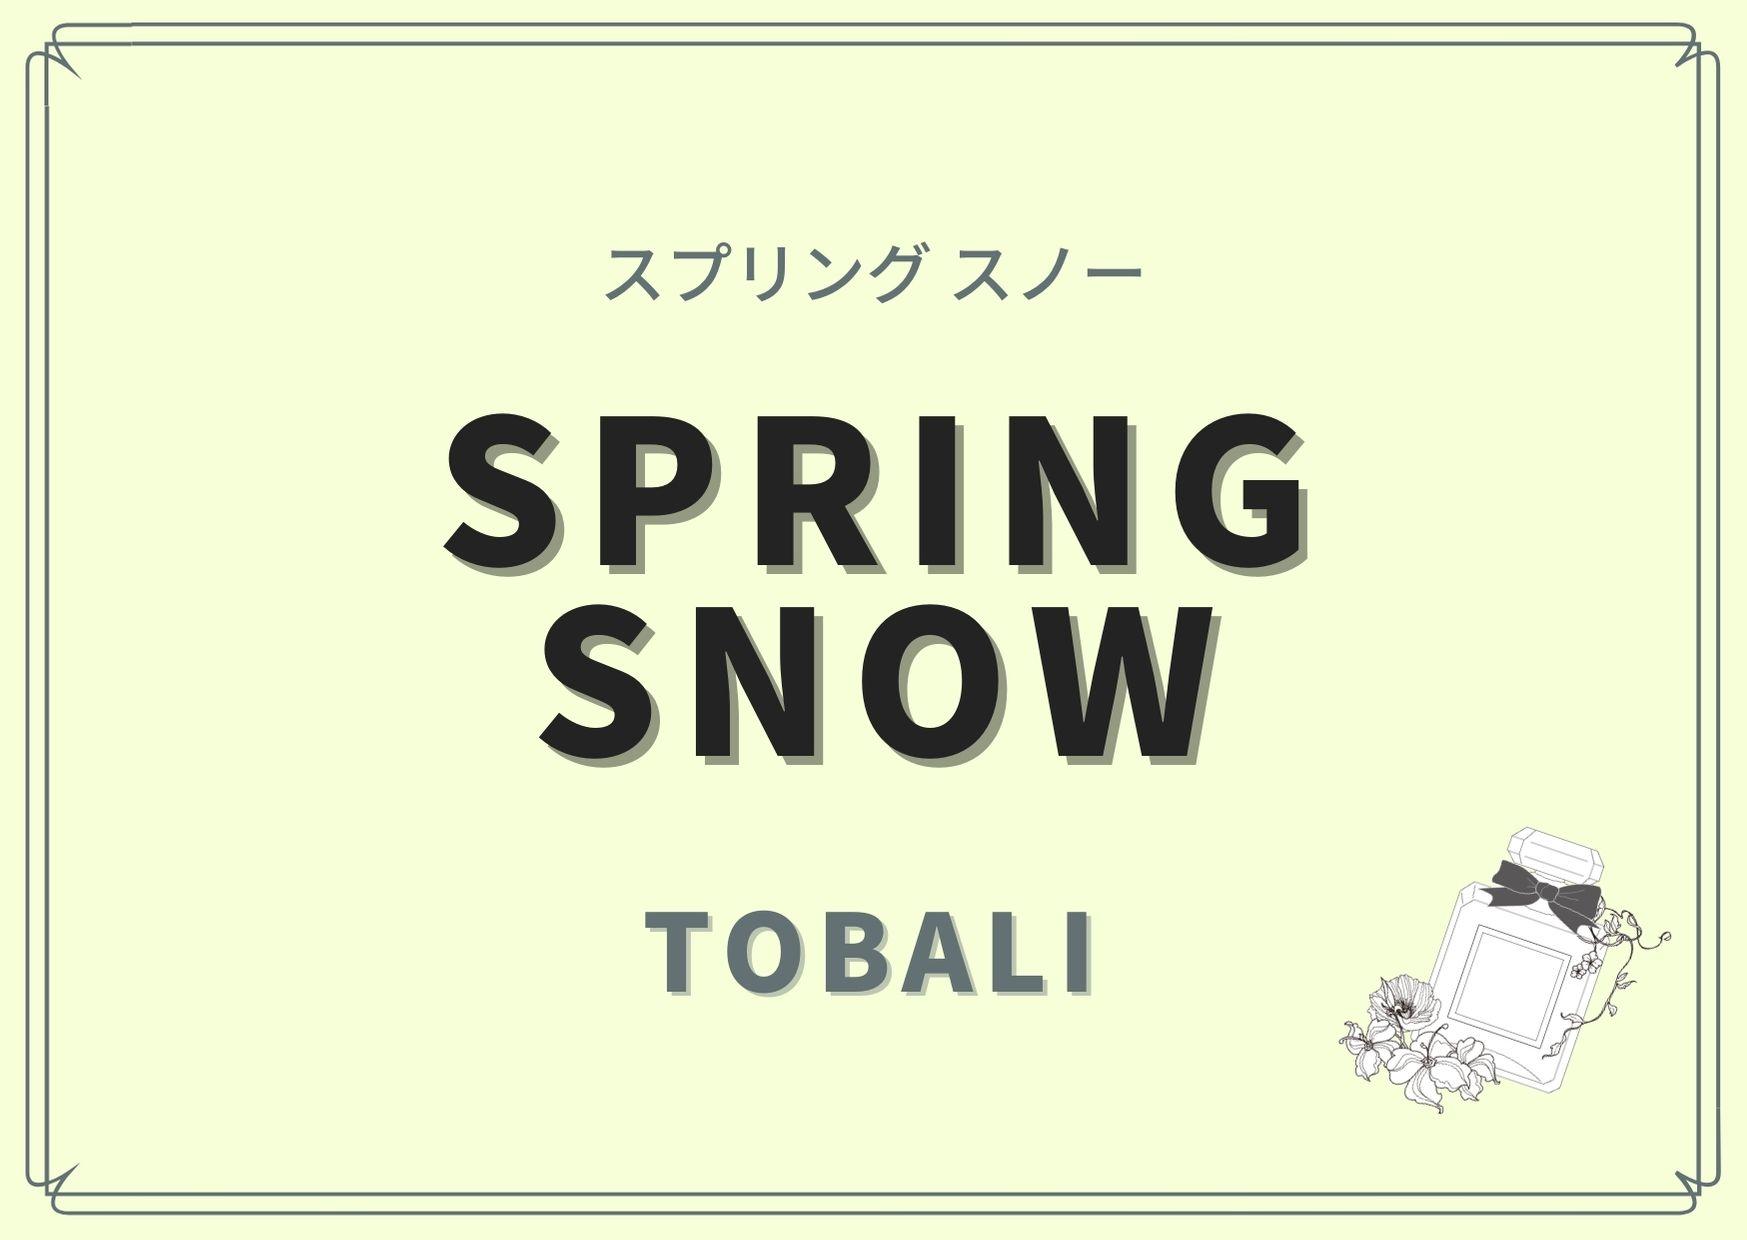 SPRING SNOW(スプリング スノー)/TOBALI(トバリ)